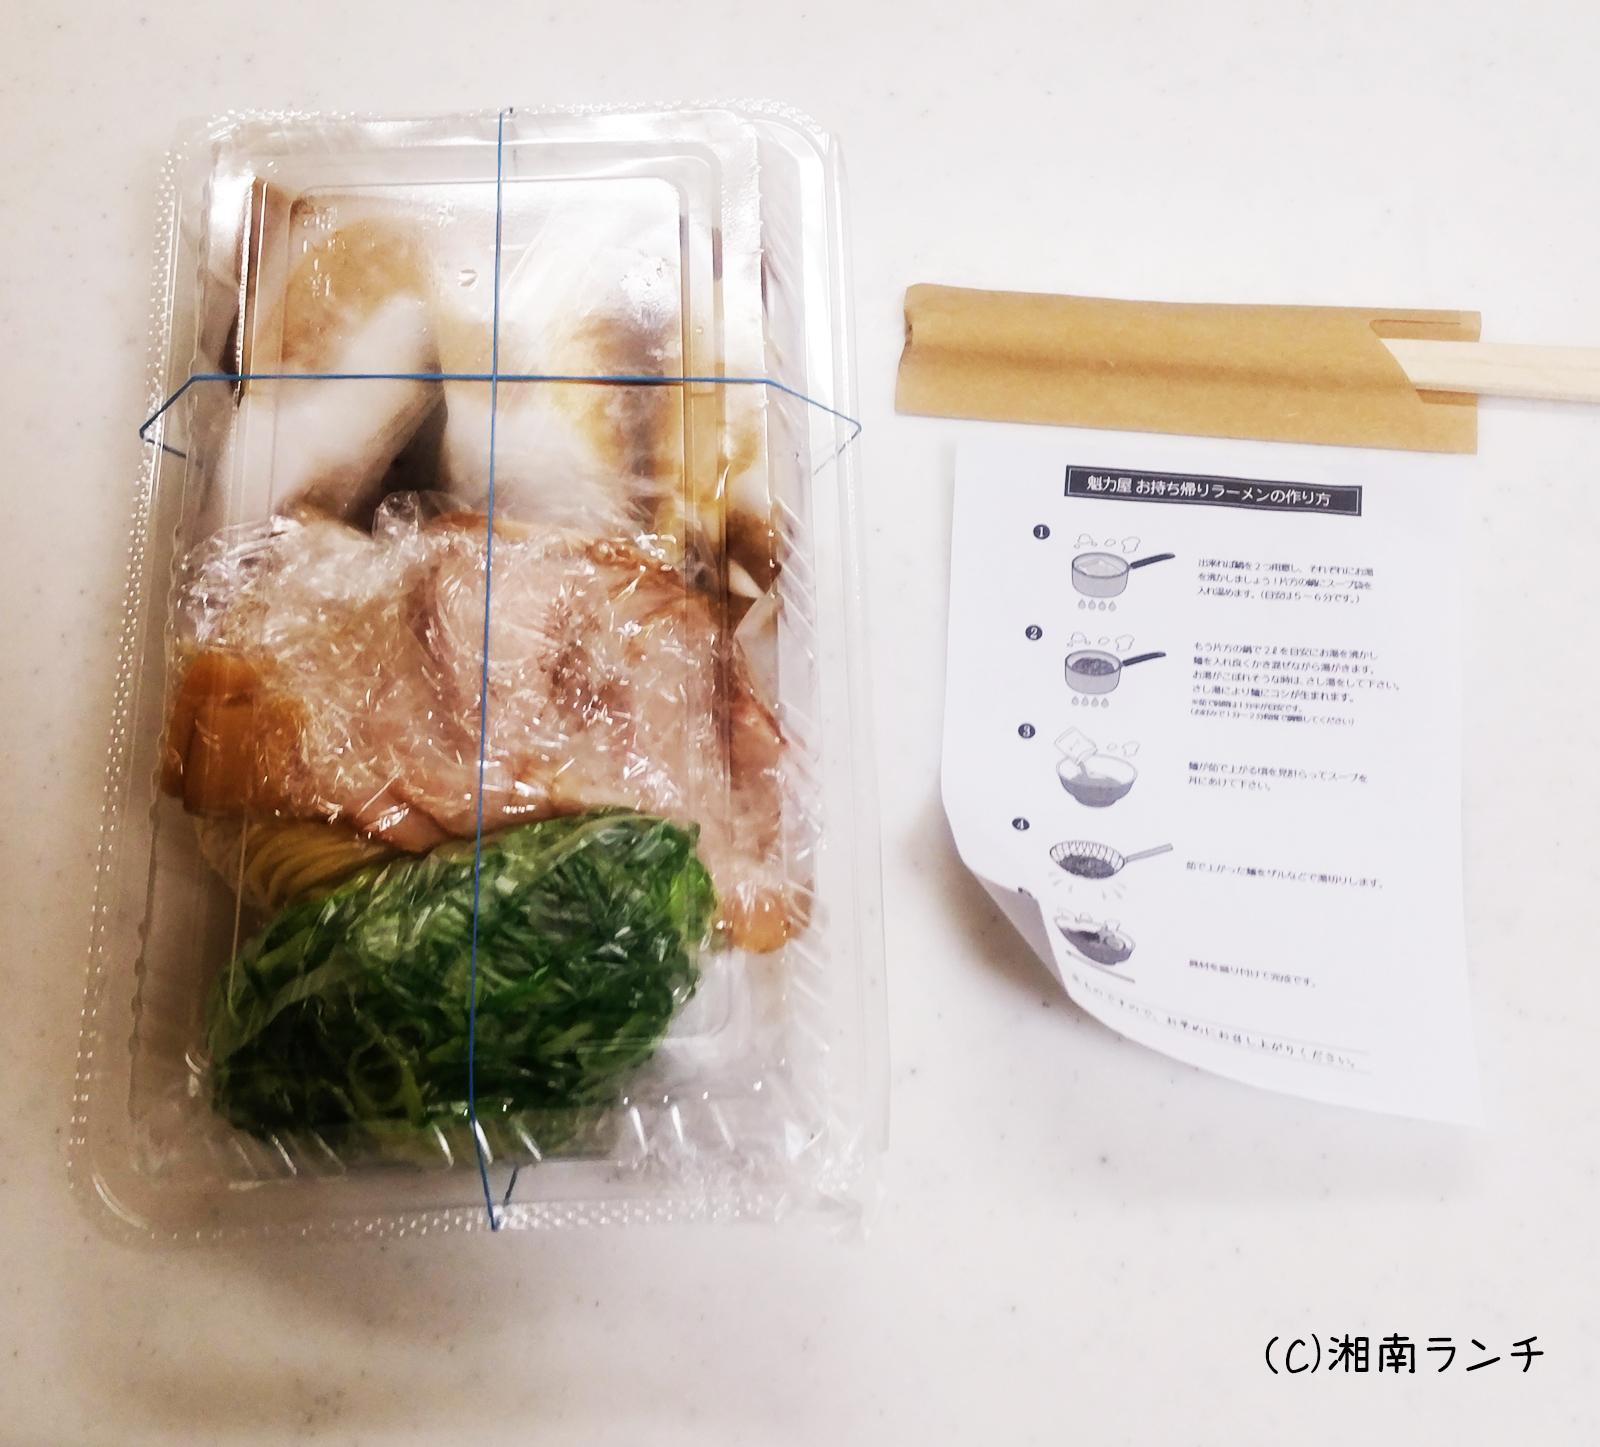 魁力屋藤沢店お持ち帰りラーメン生麺タイプ